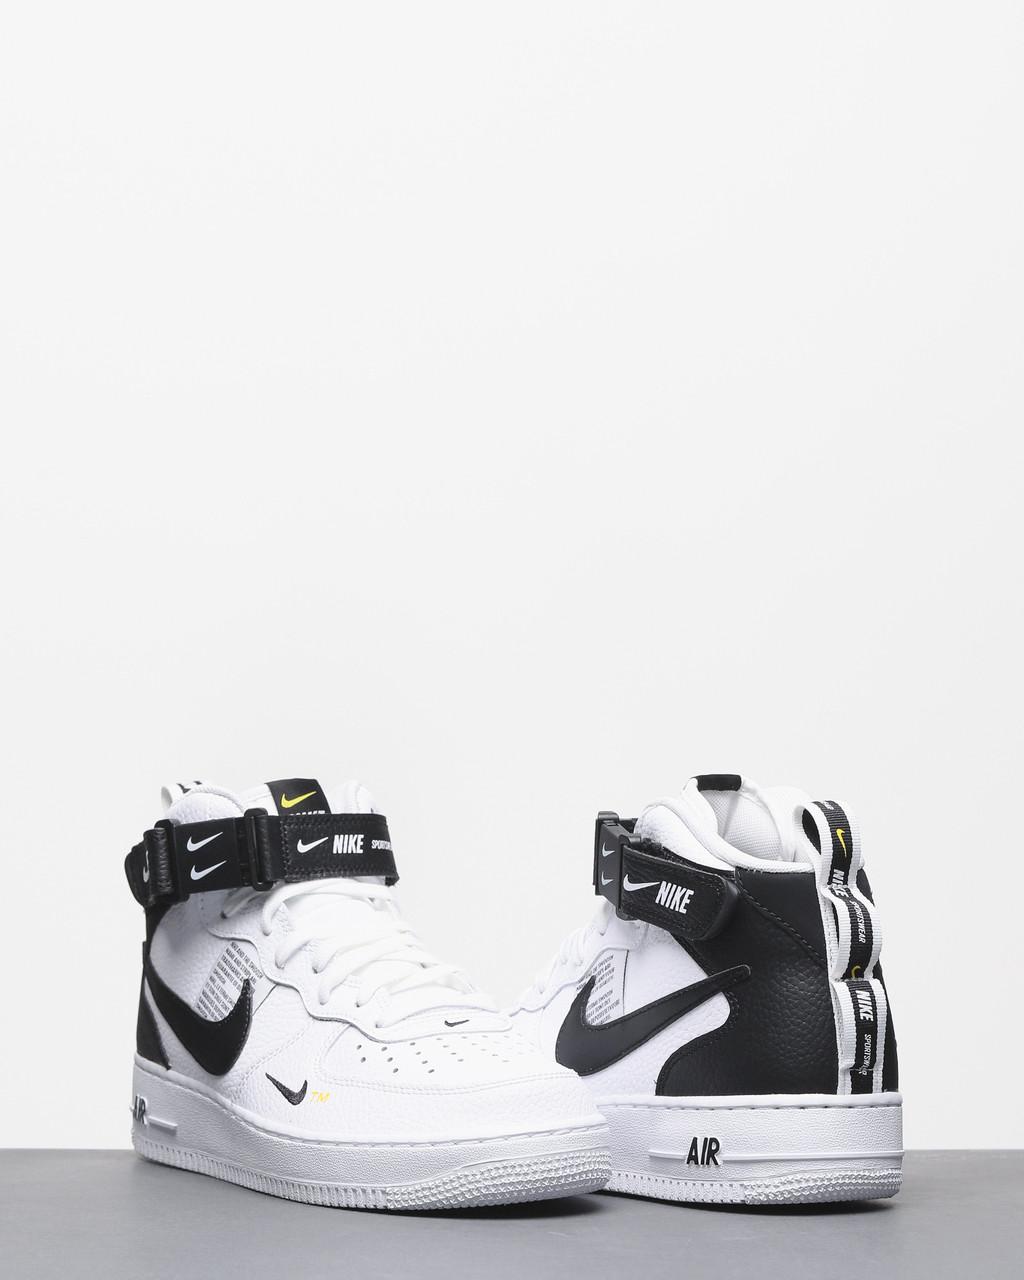 Кроссовки женские Nike Air Force 1 MID '07 LV8 в стиле найк форсы белые (Реплика ААА+)